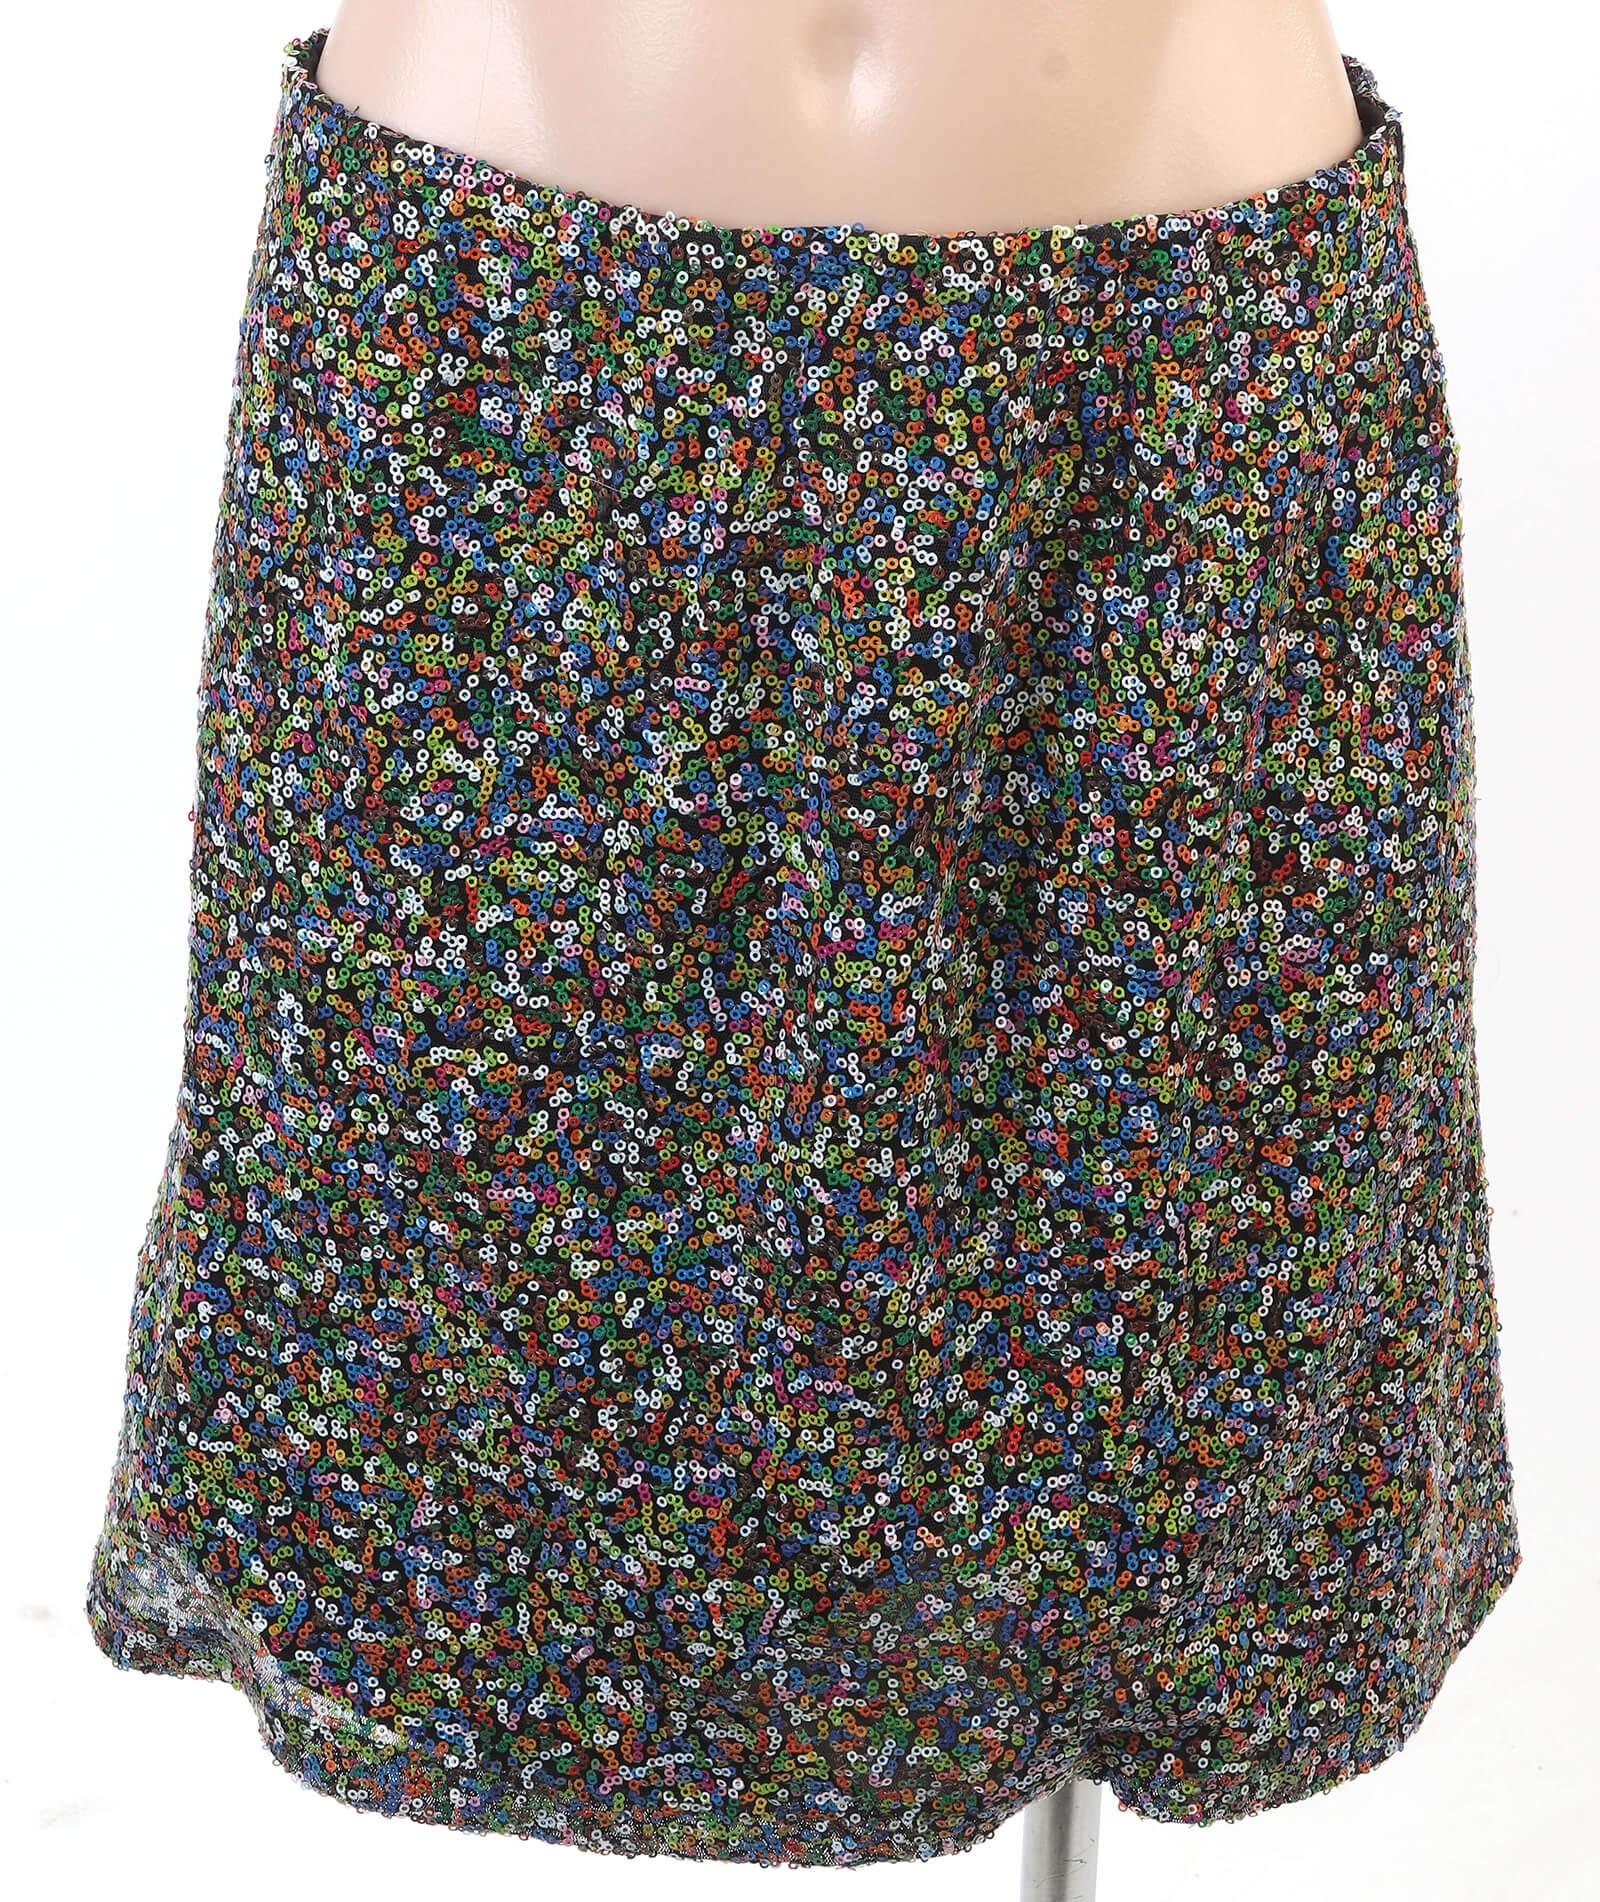 Custom sequined skirt